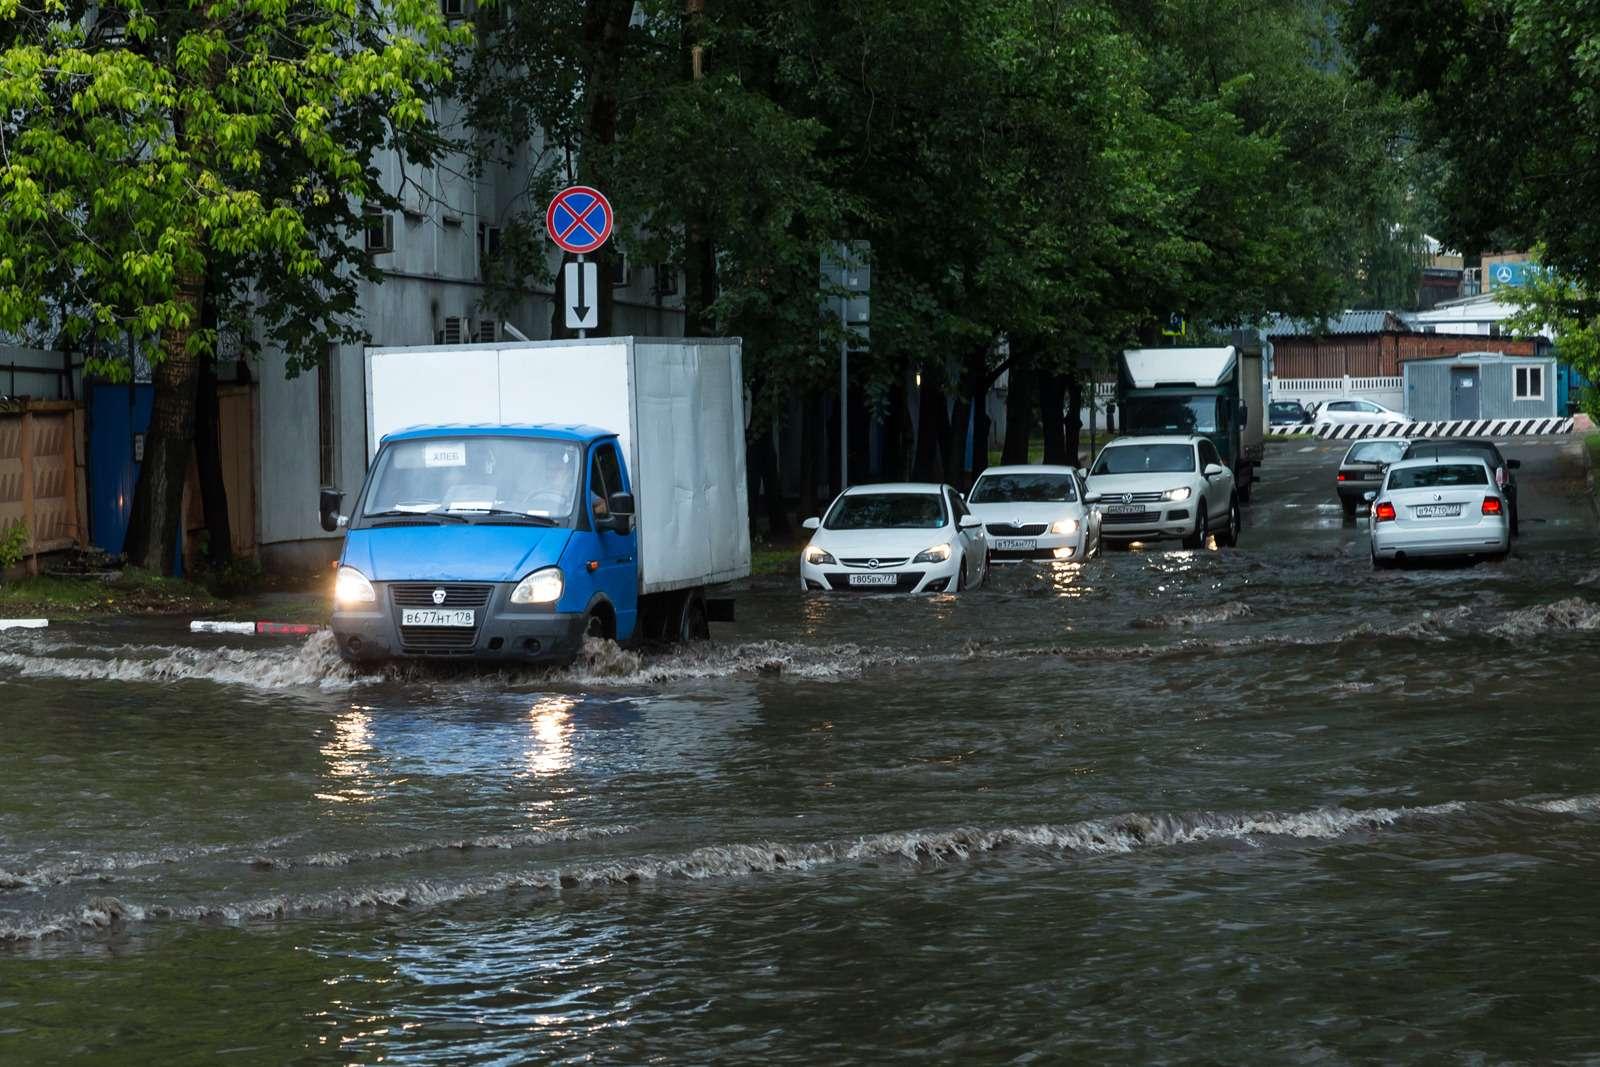 Москву залили дожди, машины поплыли. Фоторепортаж ЗР— фото 770695